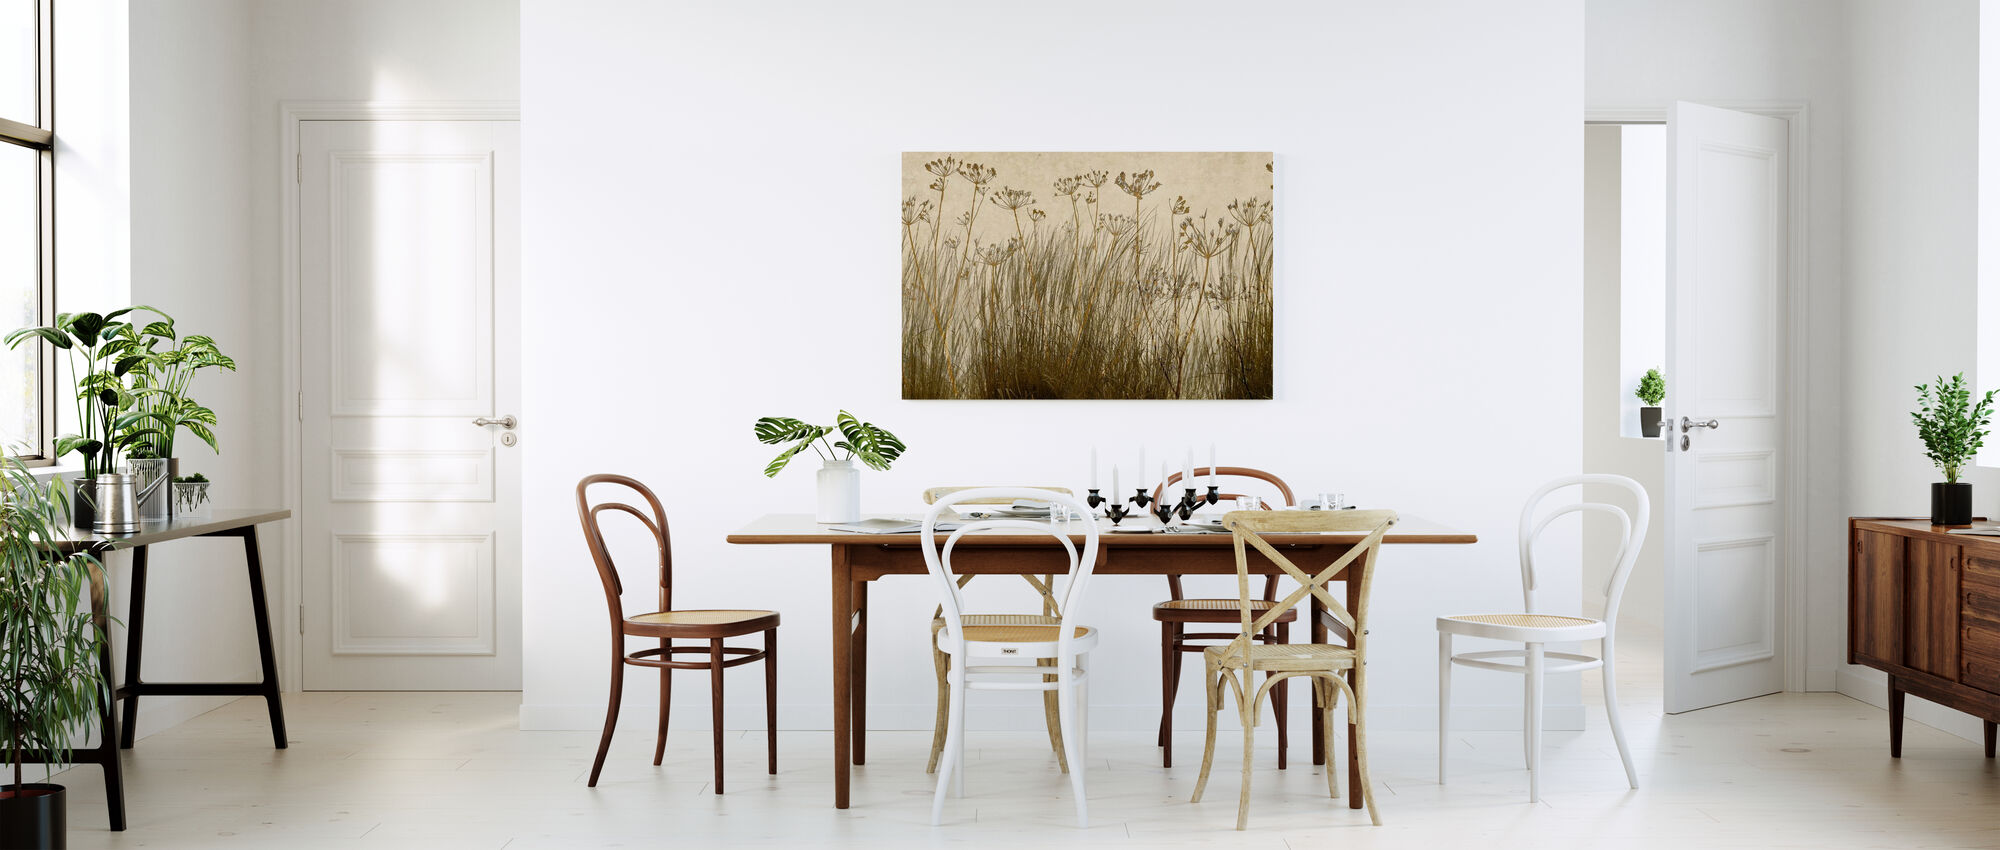 Golden Gress Silhouette - Lerretsbilde - Kjøkken